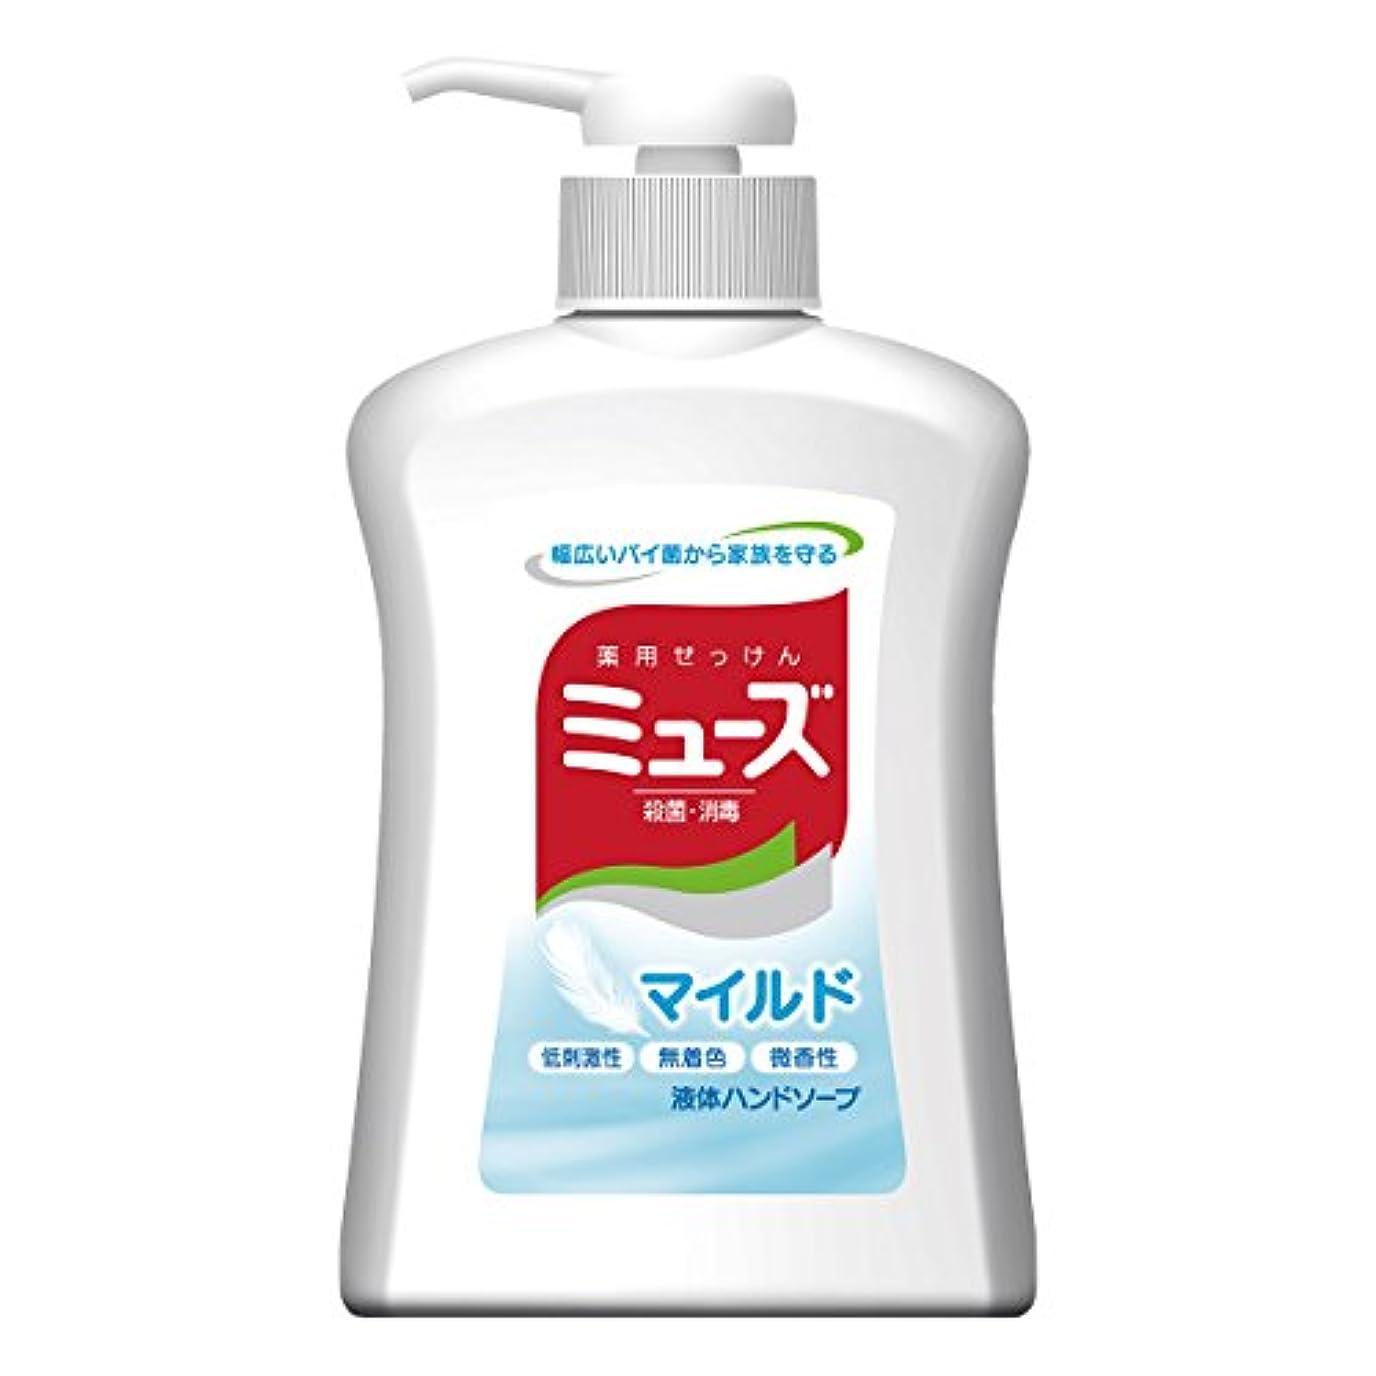 出くわすエンティティアルバニー薬用せっけんミューズ 液体 石鹸 ハンドソープ 本体ボトル マイルド 250ml 殺菌 消毒 手洗い 低刺激ソープ